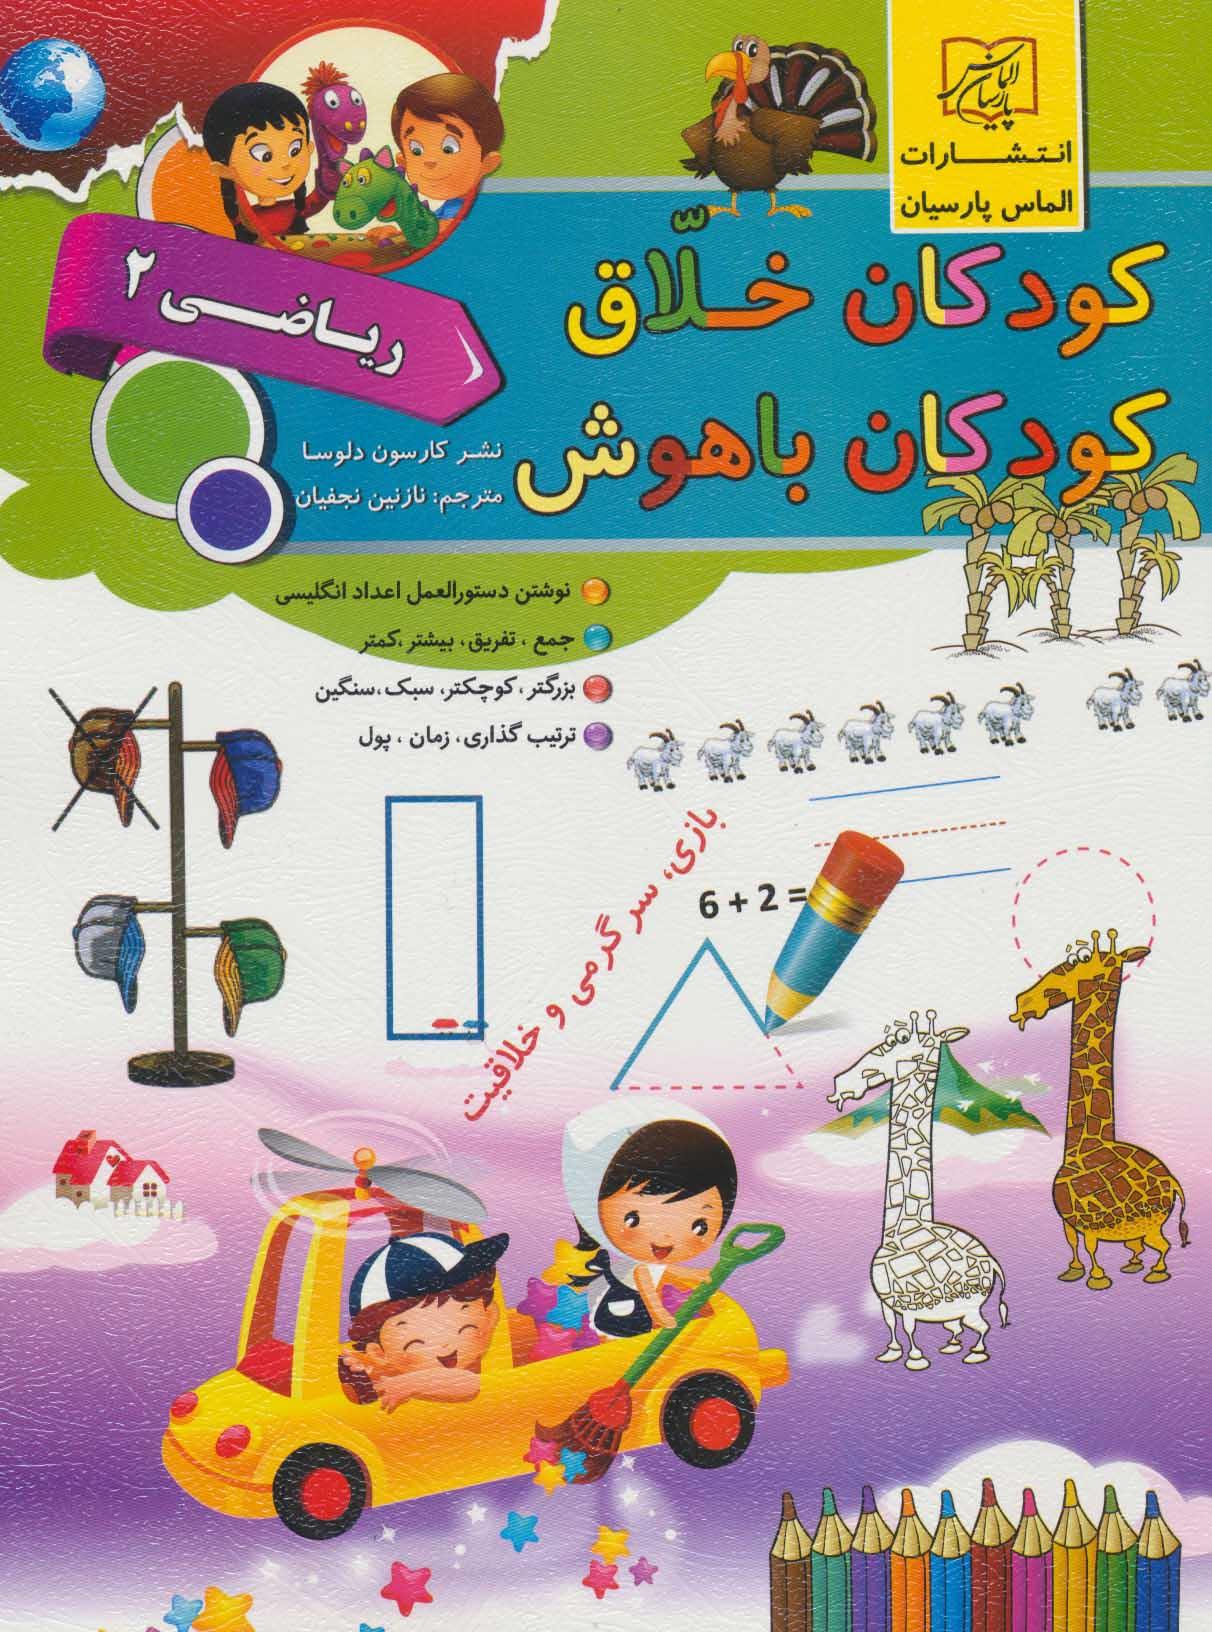 کودکان خلاق کودکان باهوش (ریاضی 2)